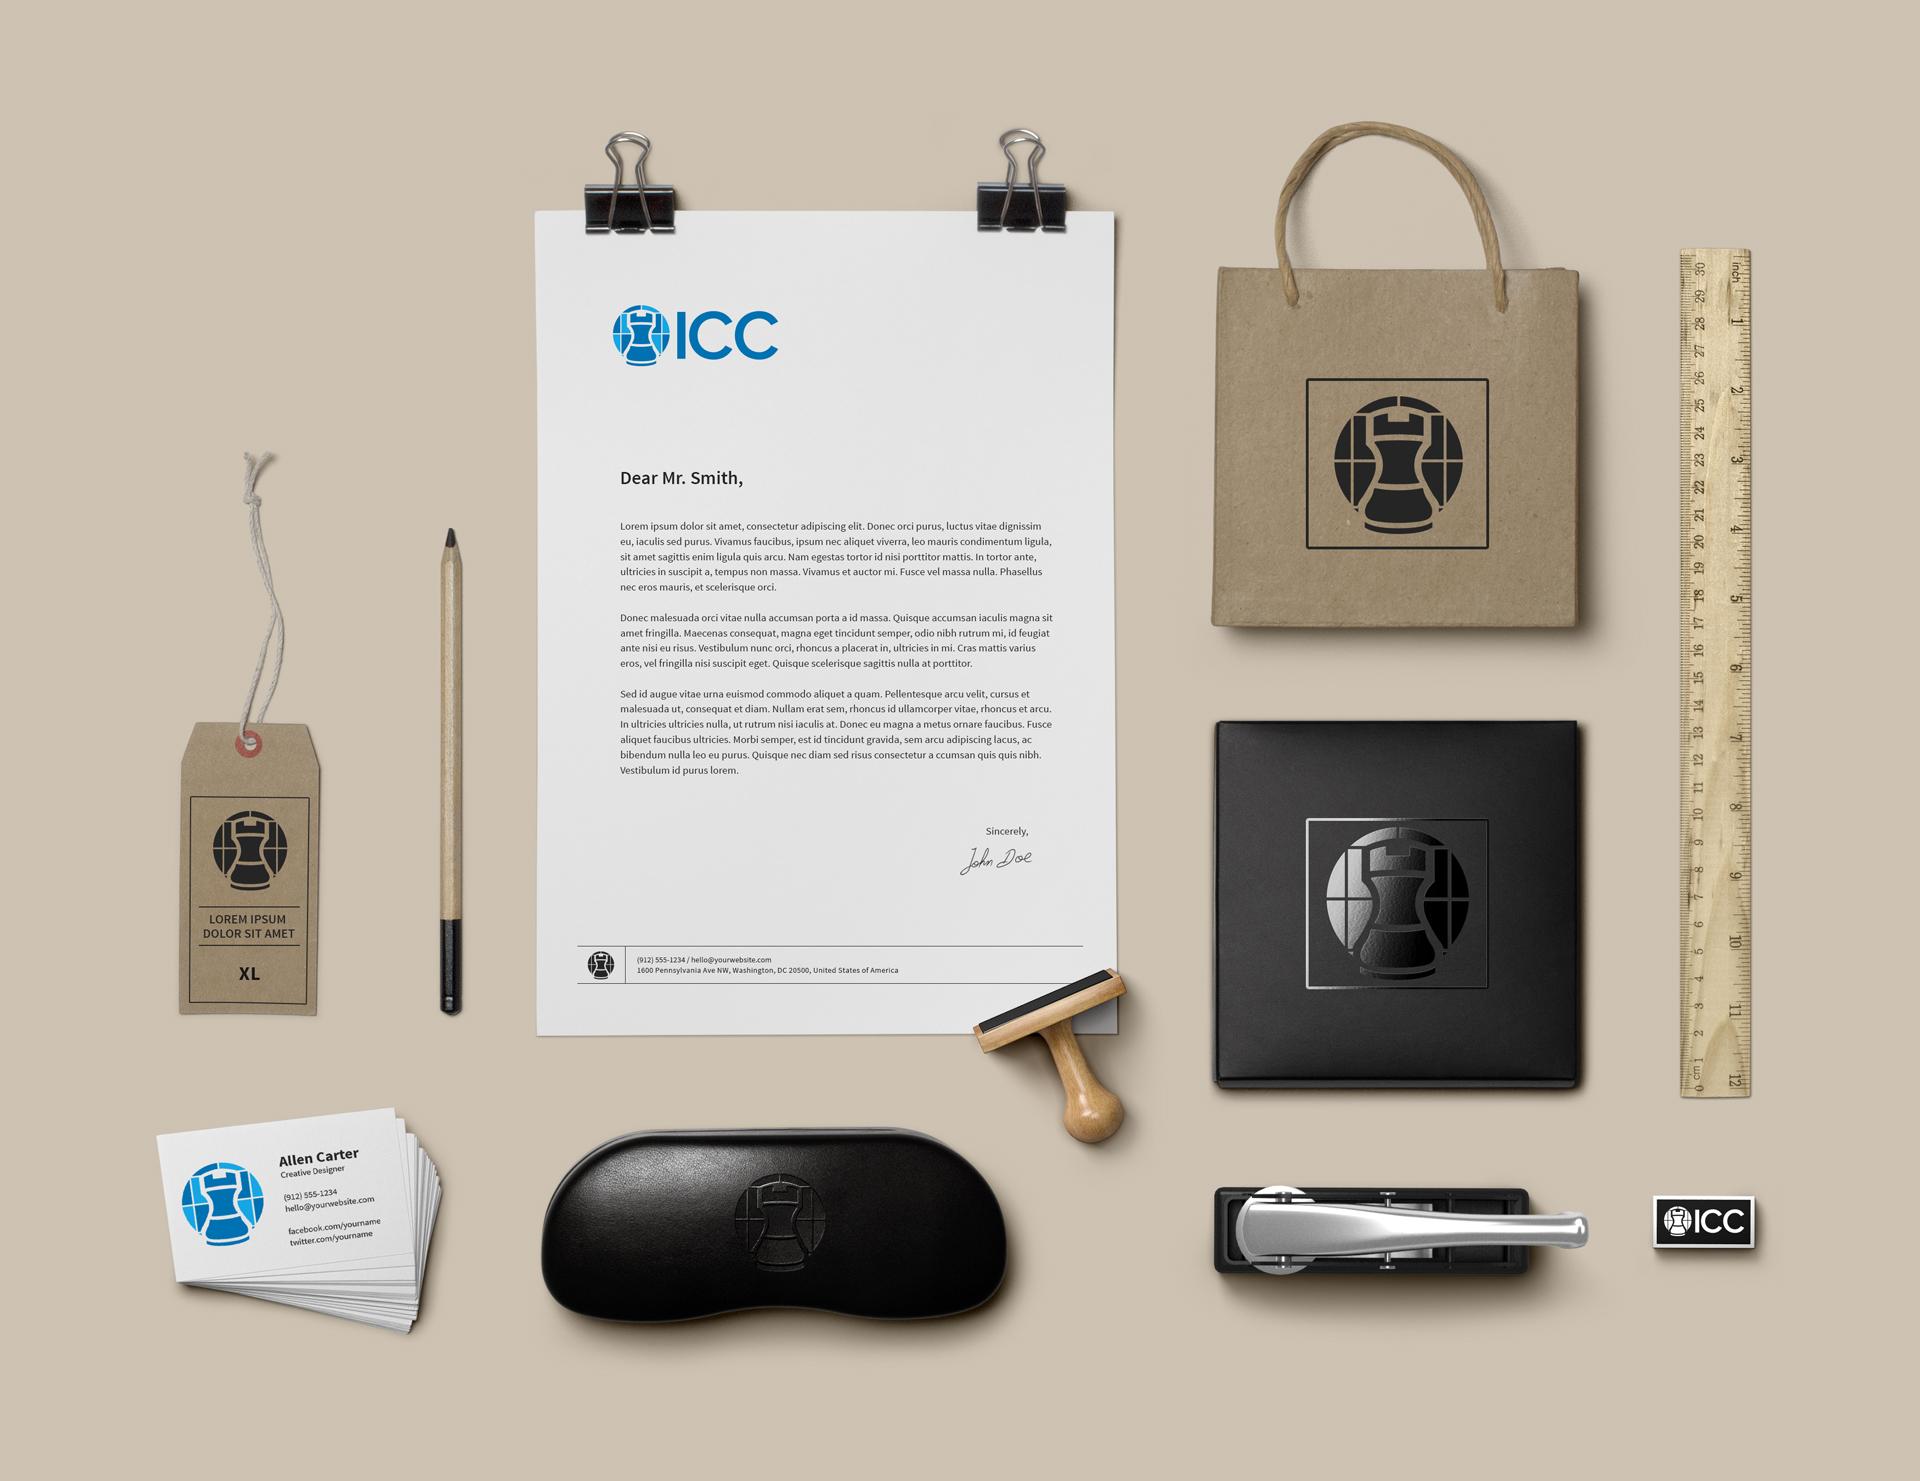 ICC rebranding - logo usage